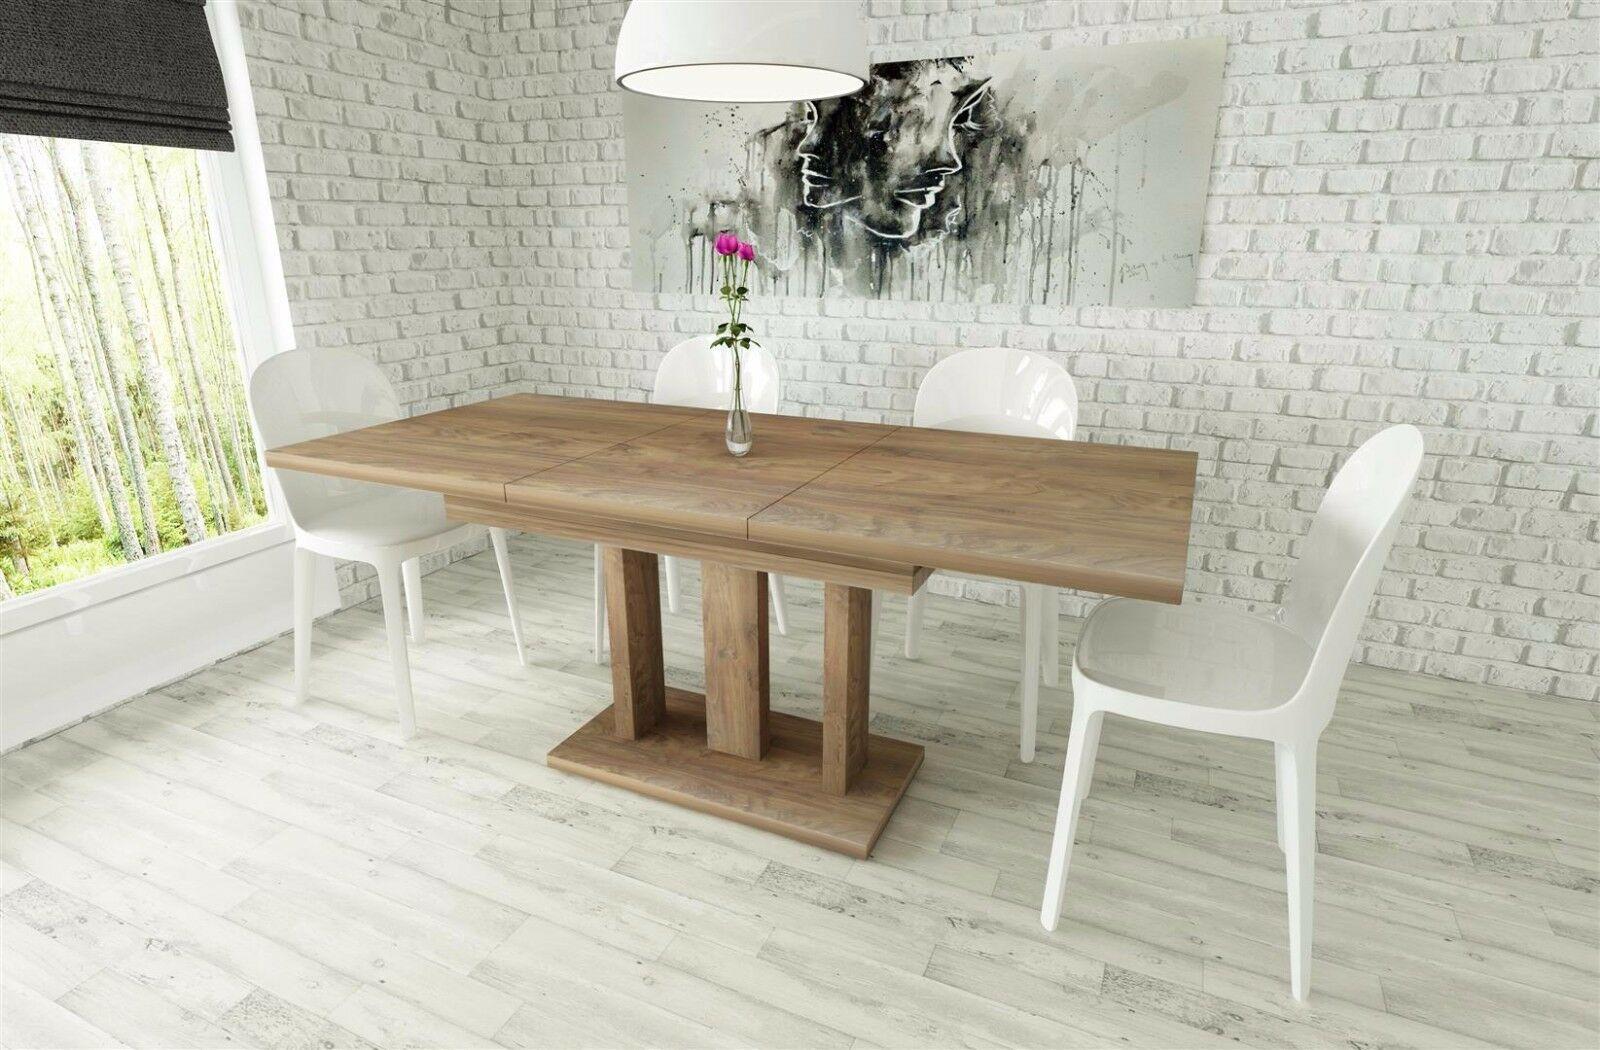 sulentisch ausziehbar good sulentisch esstisch hochglanz weiss ausziehbar with sulentisch. Black Bedroom Furniture Sets. Home Design Ideas